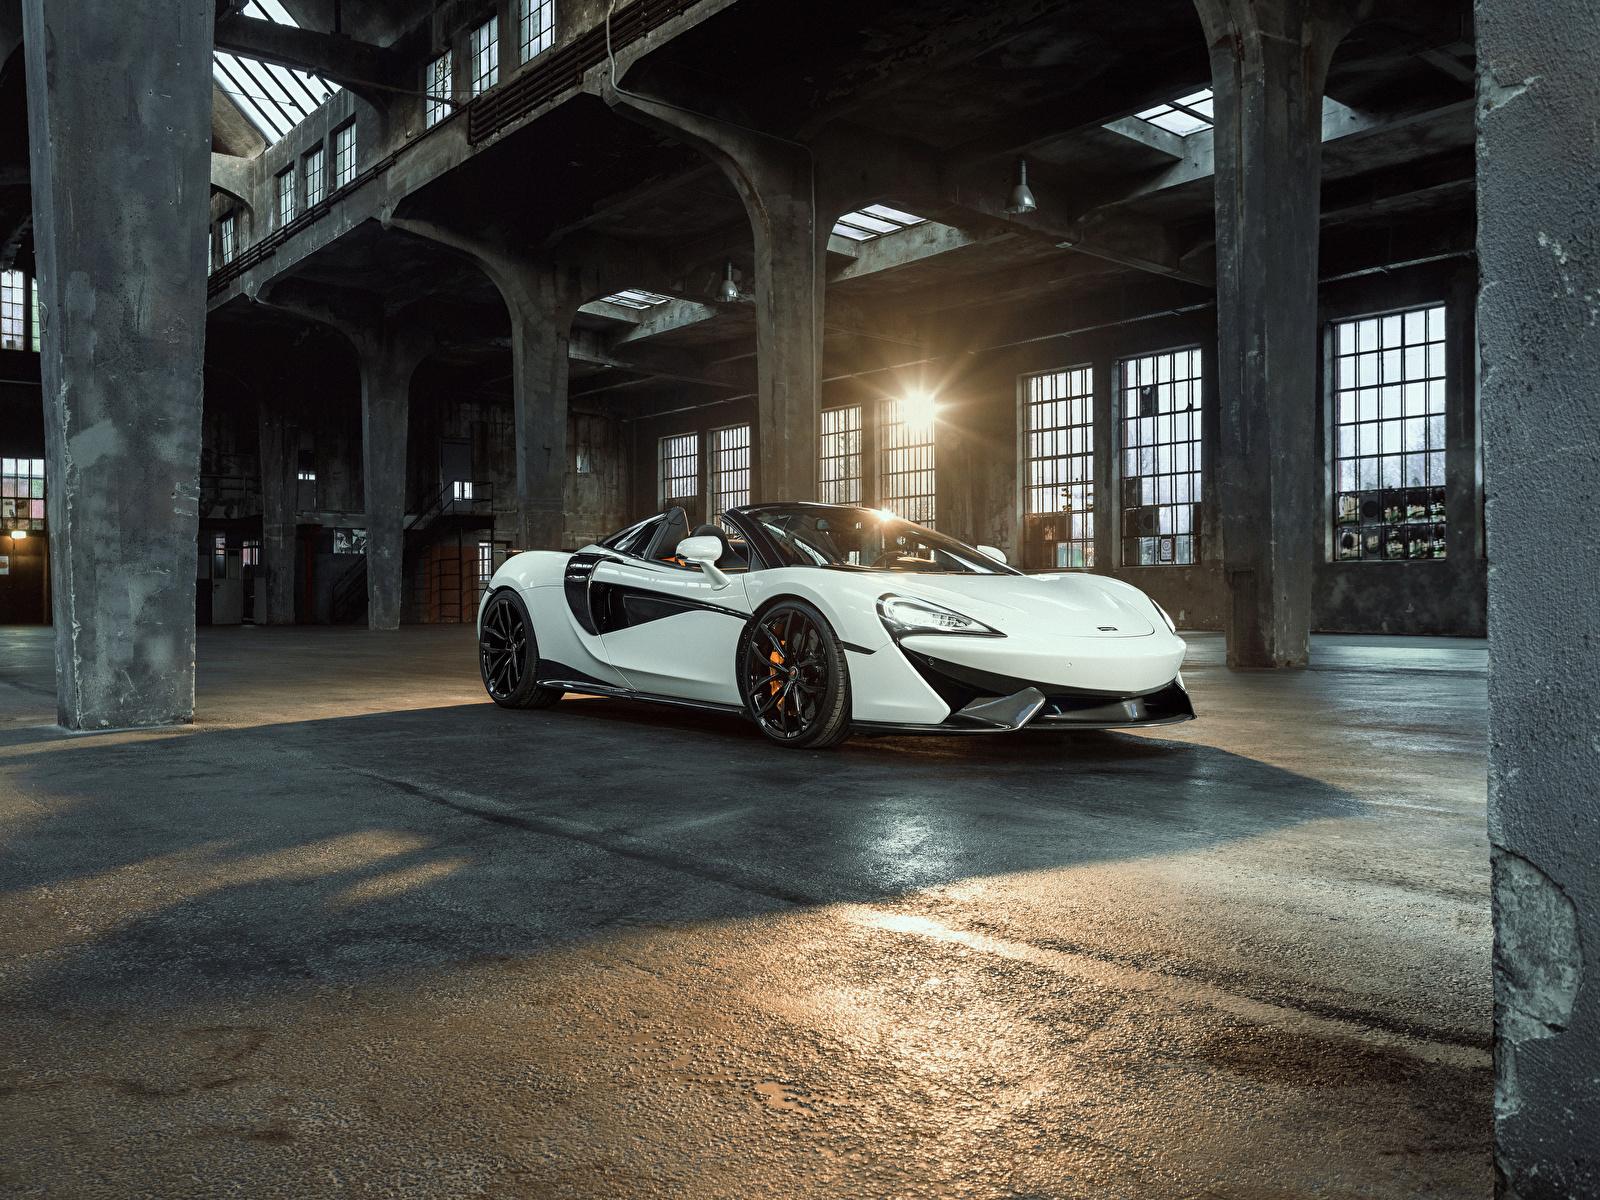 Картинка McLaren 2018 Novitec 570S Spider белые Машины Металлик 1600x1200 Макларен белых Белый белая Авто Автомобили